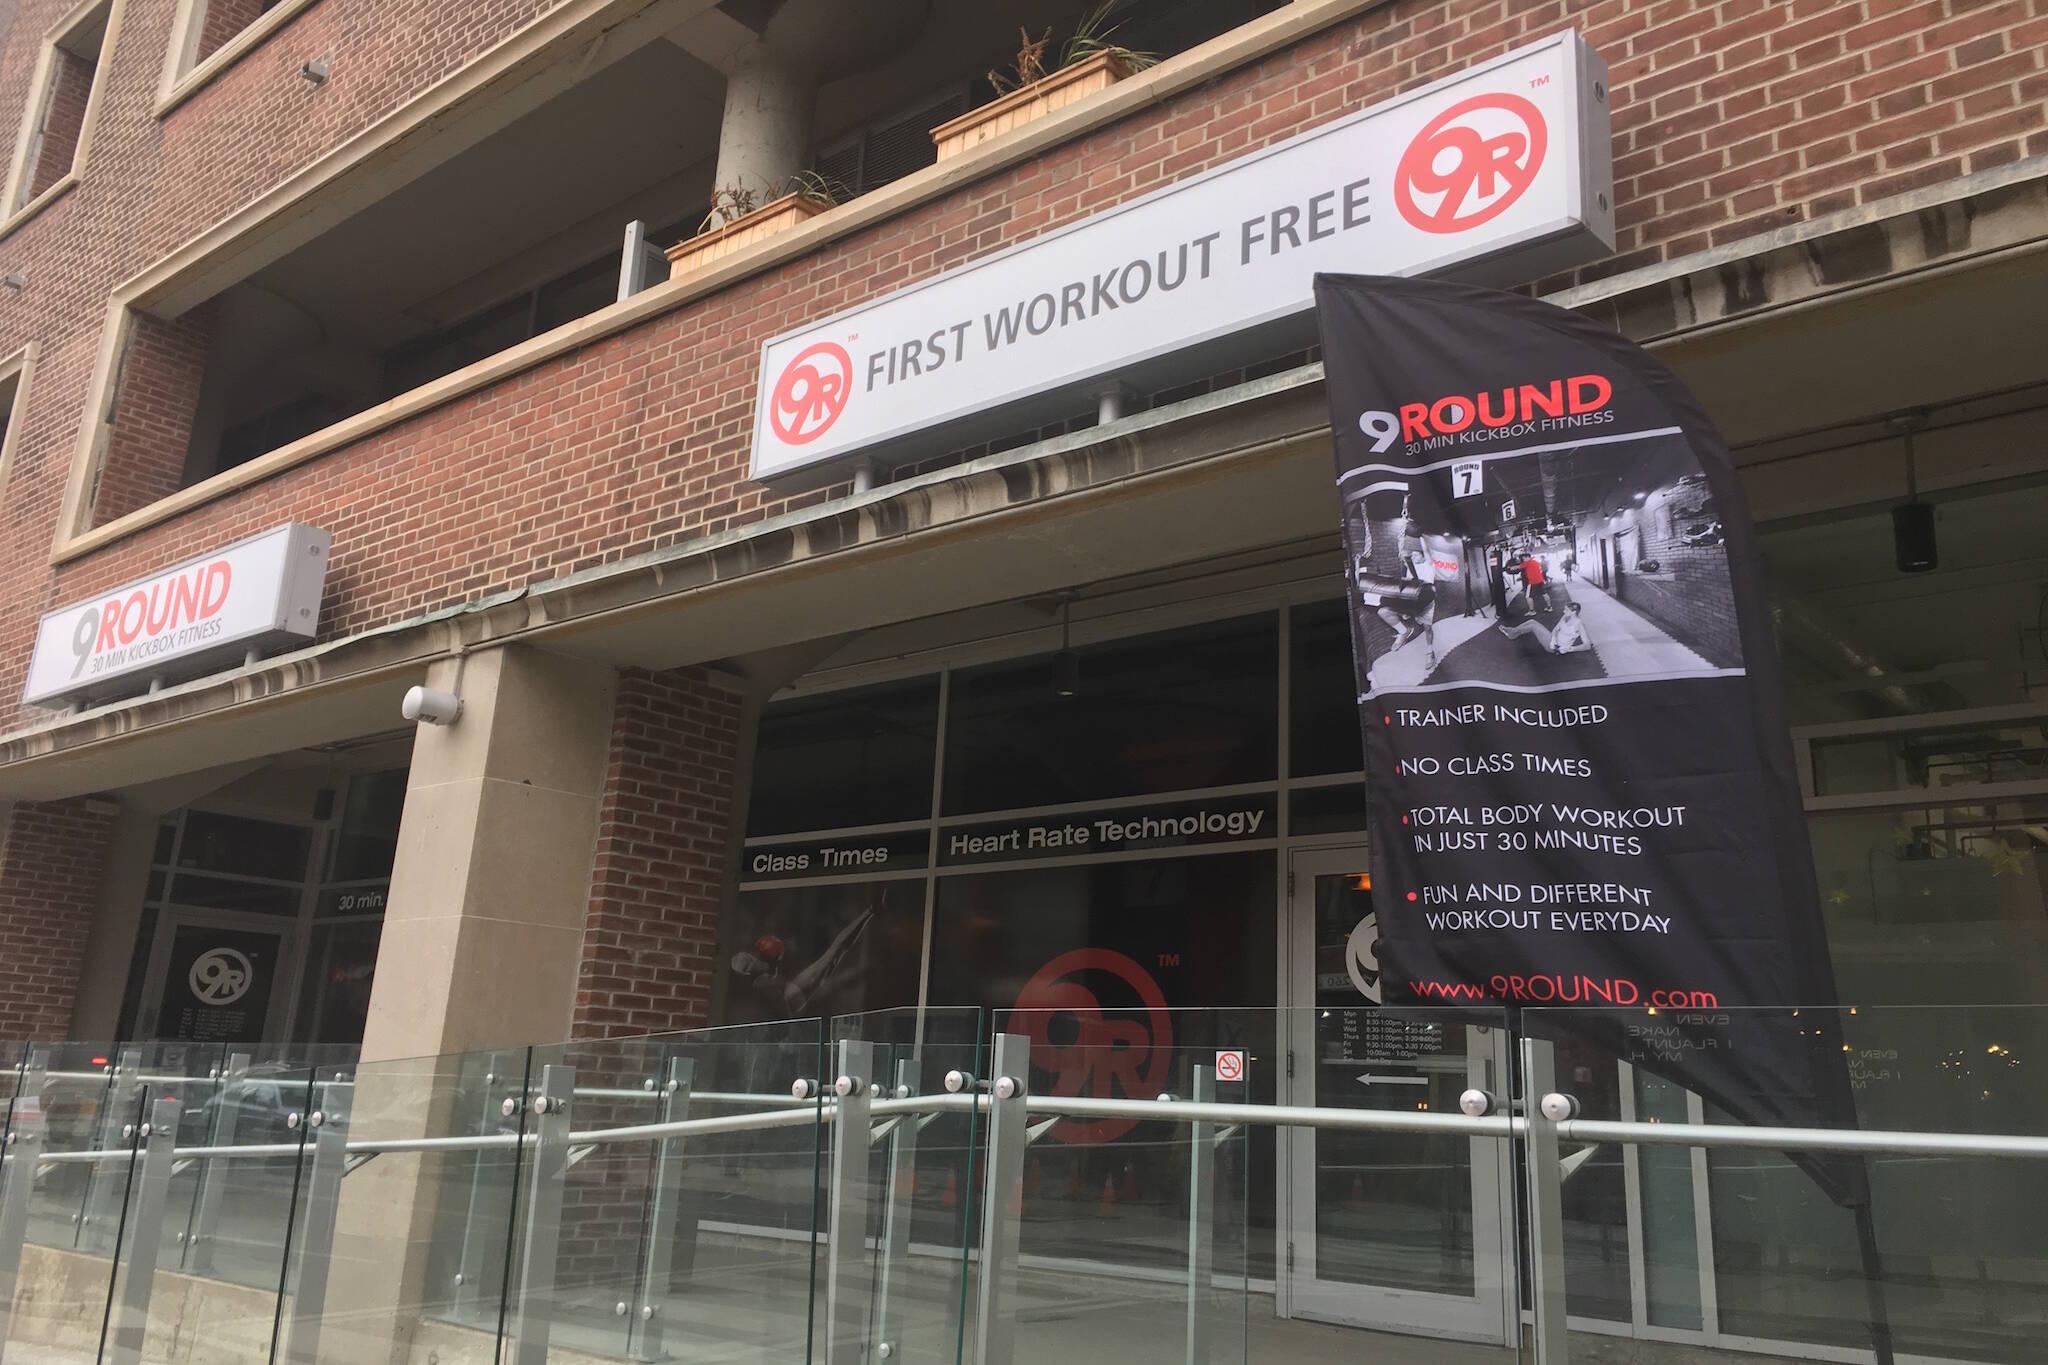 9Round Gym Toronto